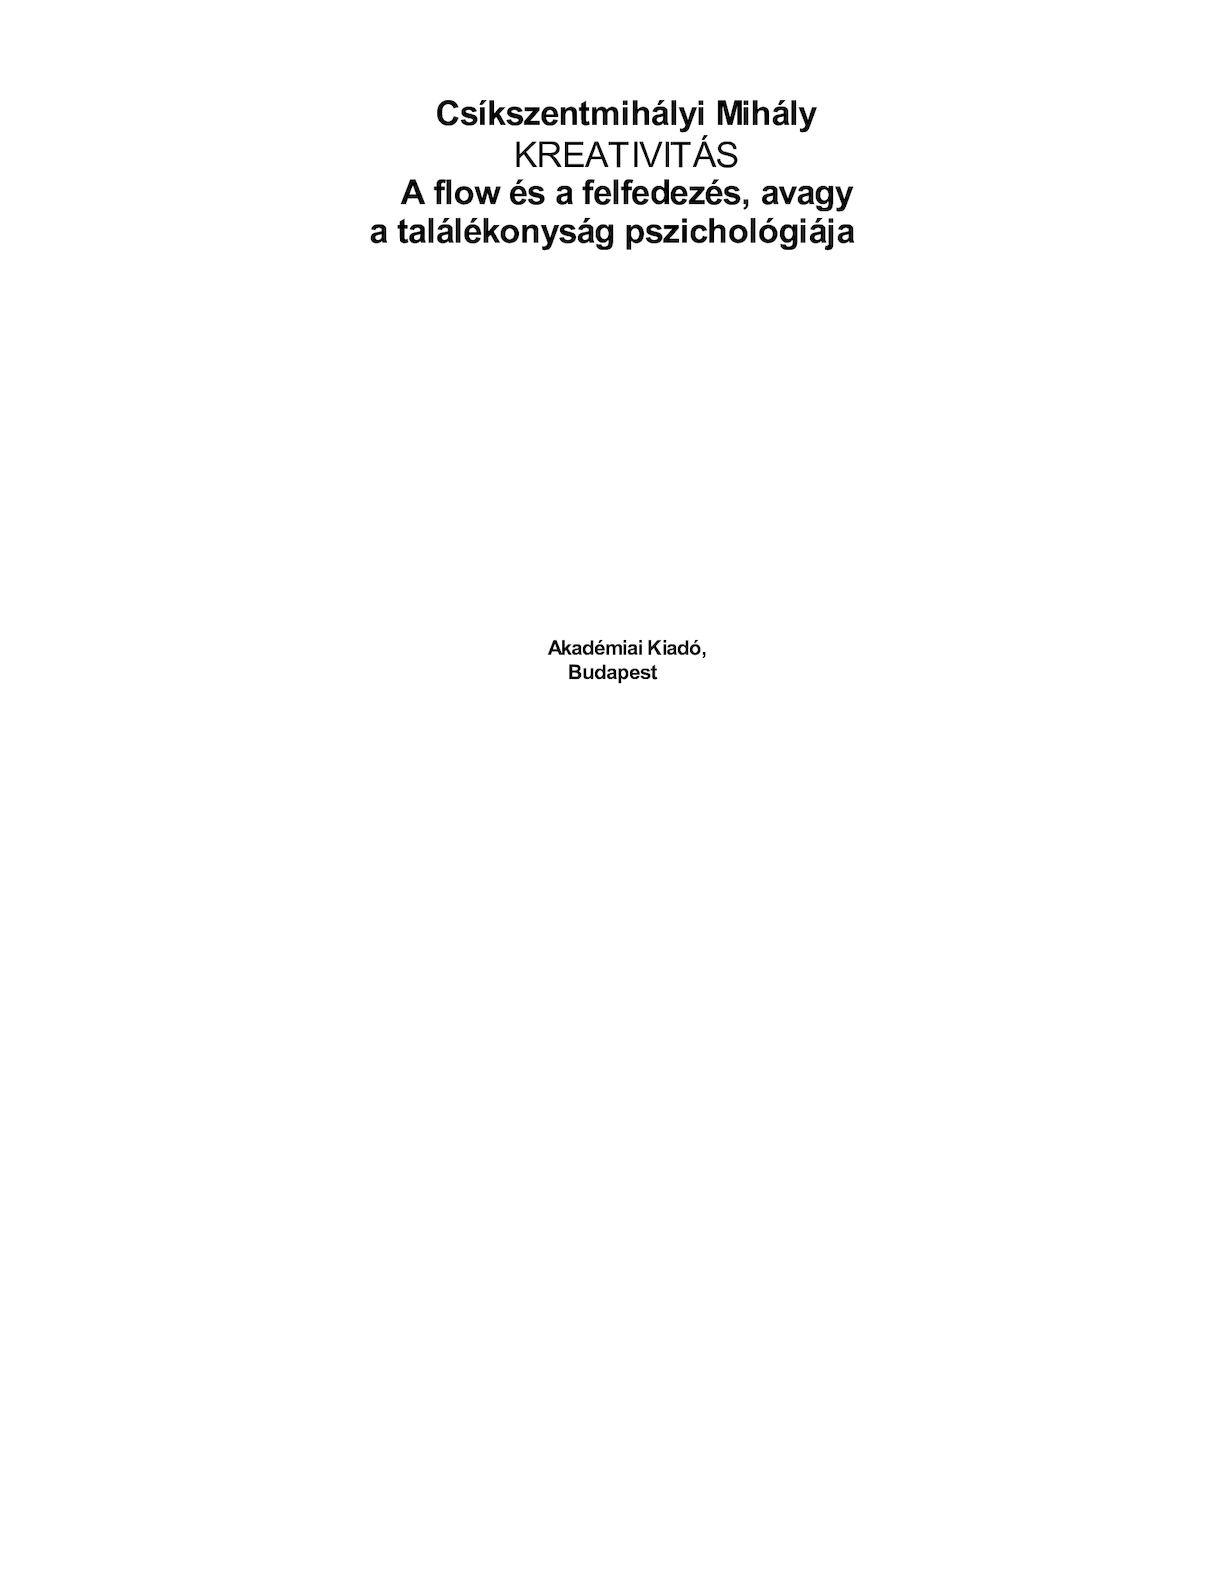 Protonterápia prosztatarákban - ProCure protonterápia